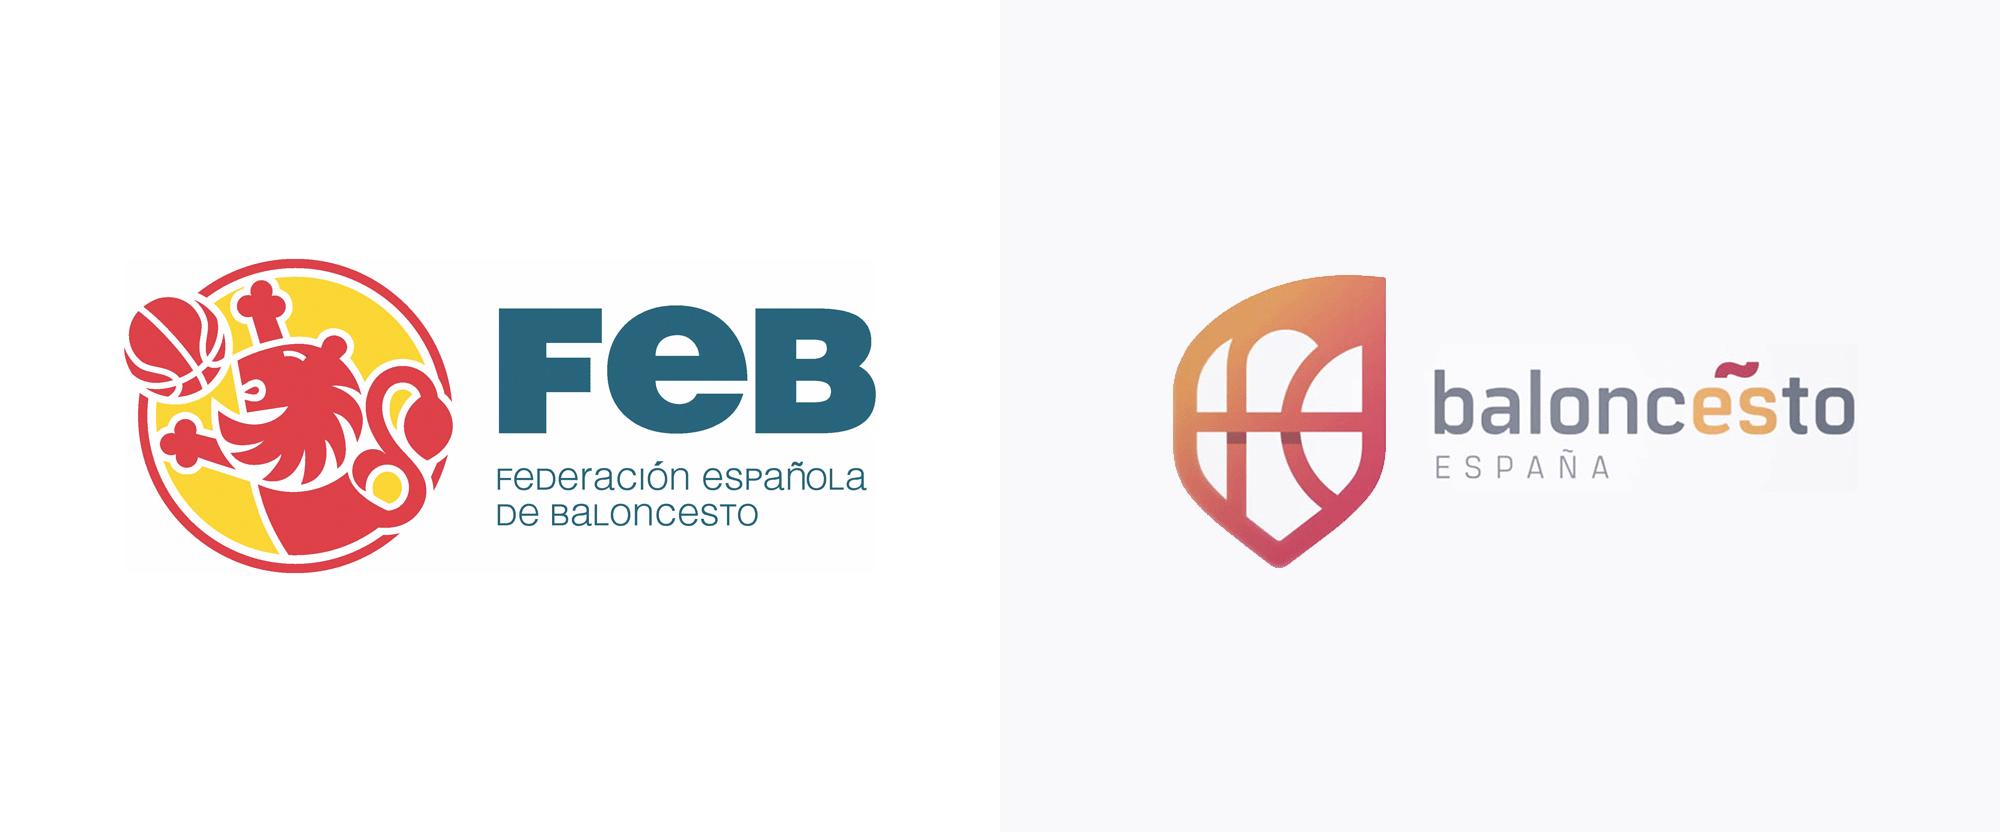 New Logo for Federación Española de Baloncesto